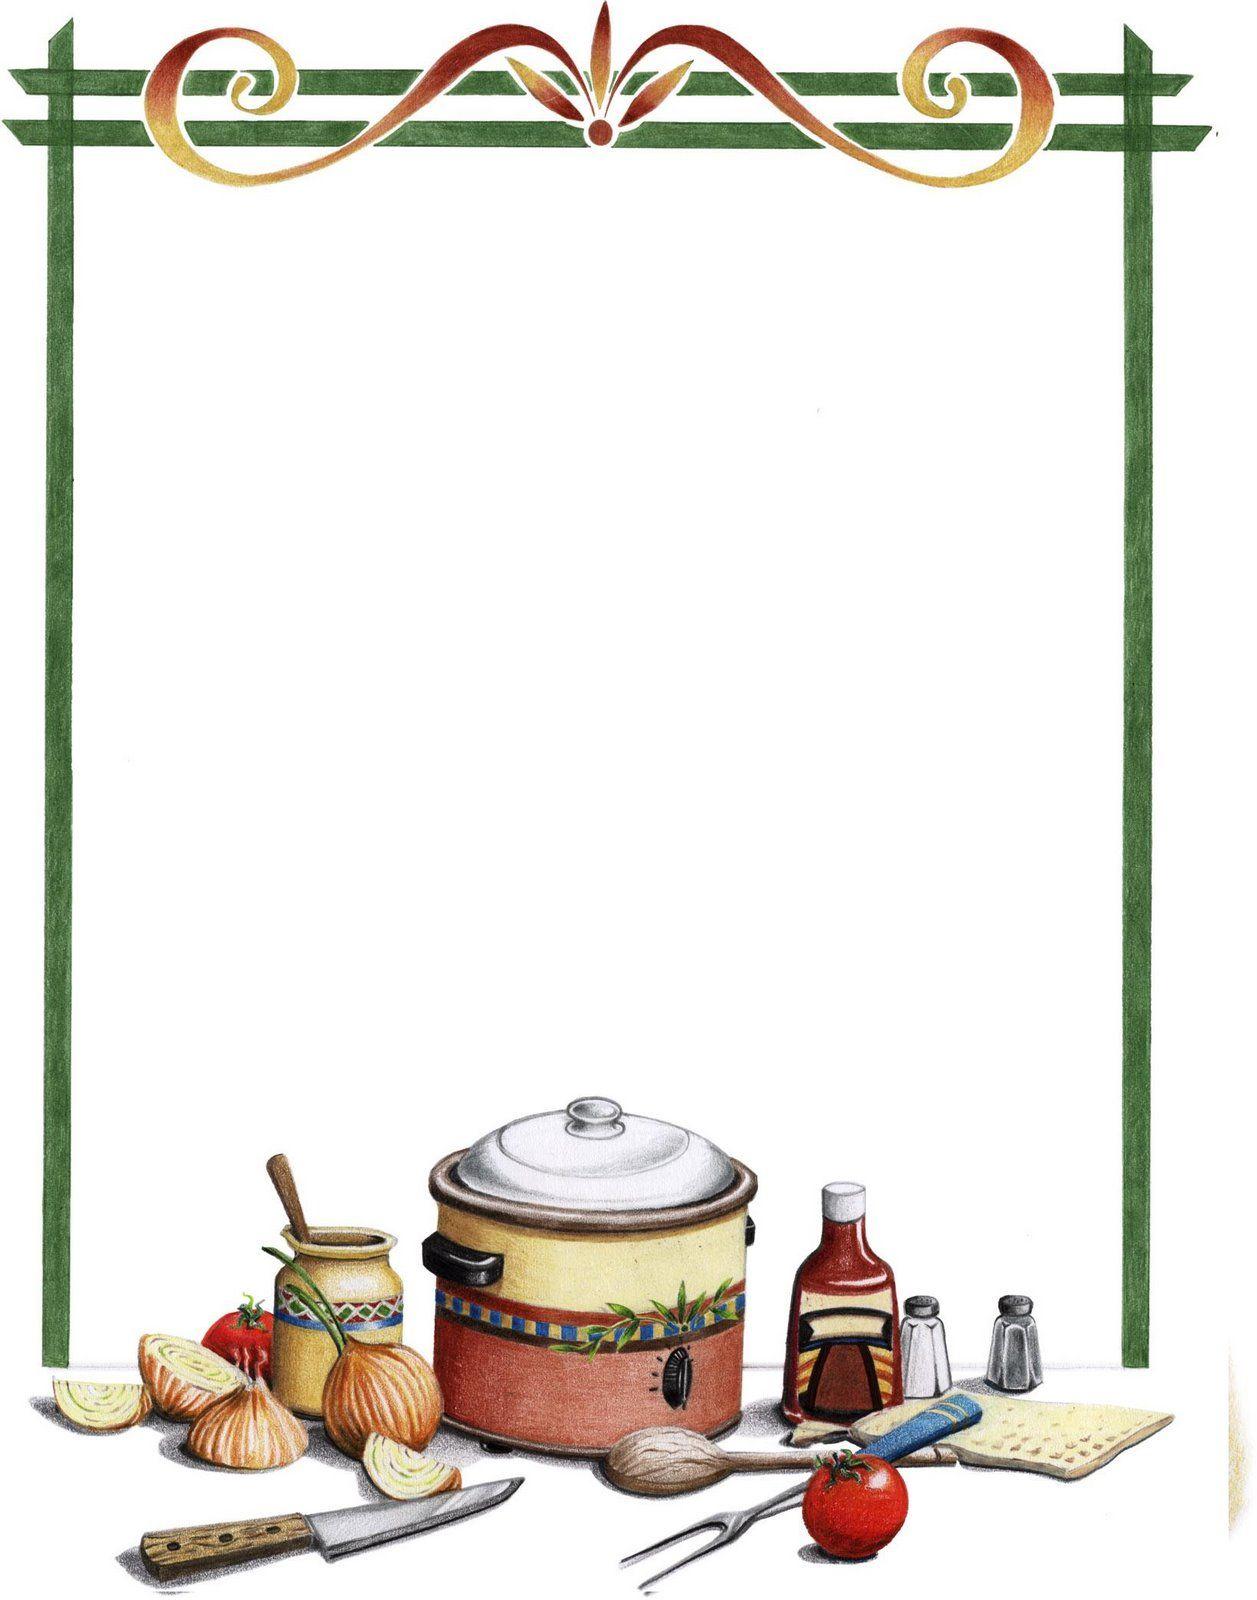 Moldura 1257 1600 recetas marcos for Utensilios para cocineros